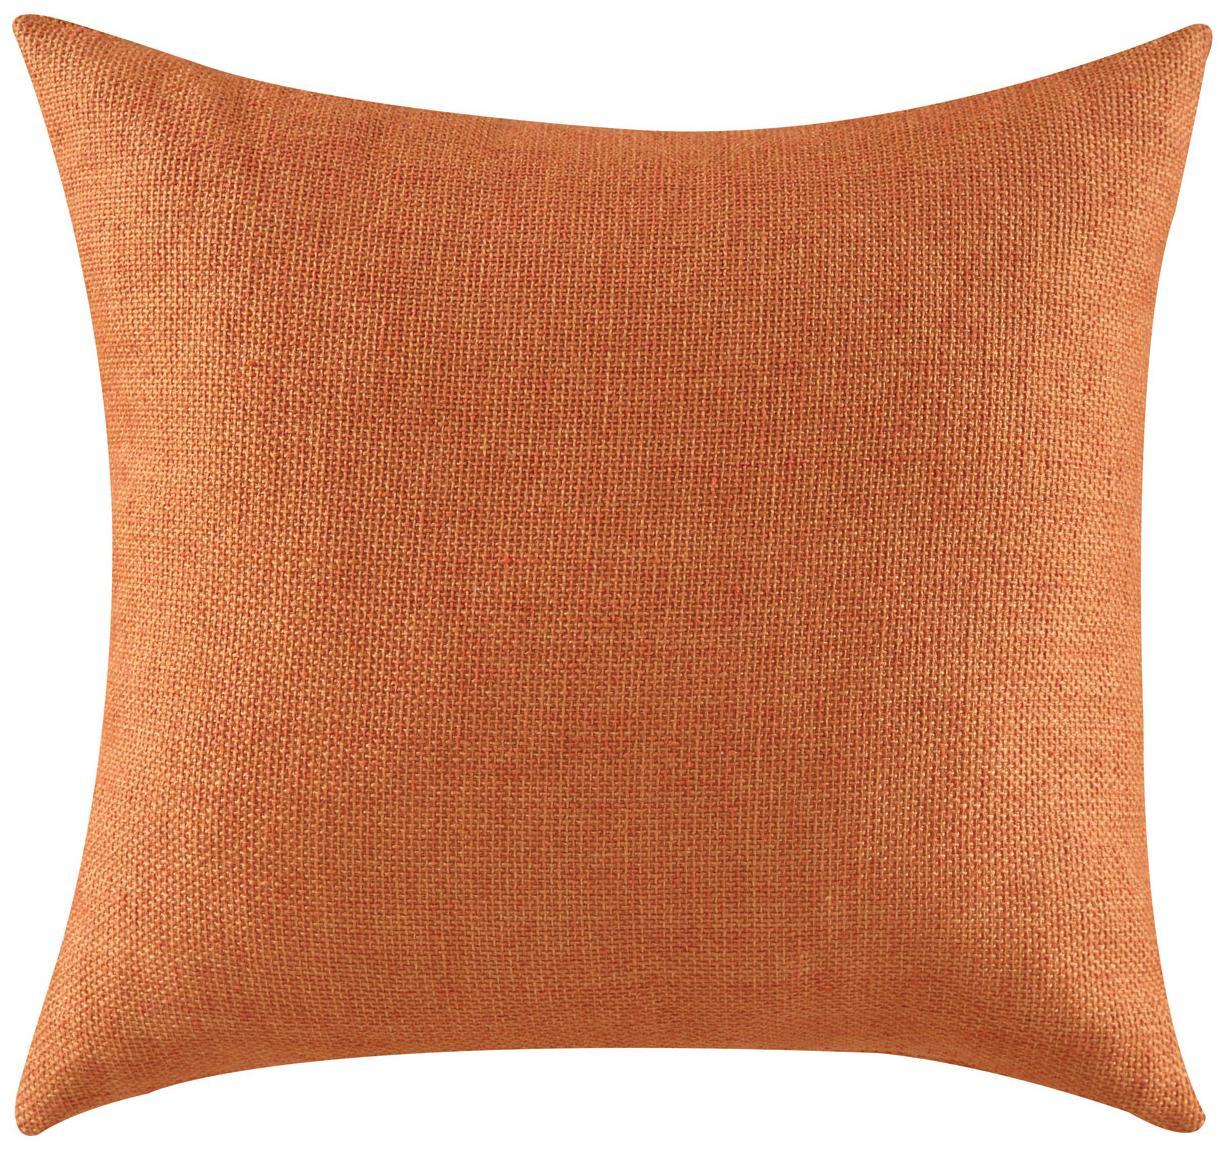 Coaster Throw Pillows Accent Pillow - Item Number: 905052